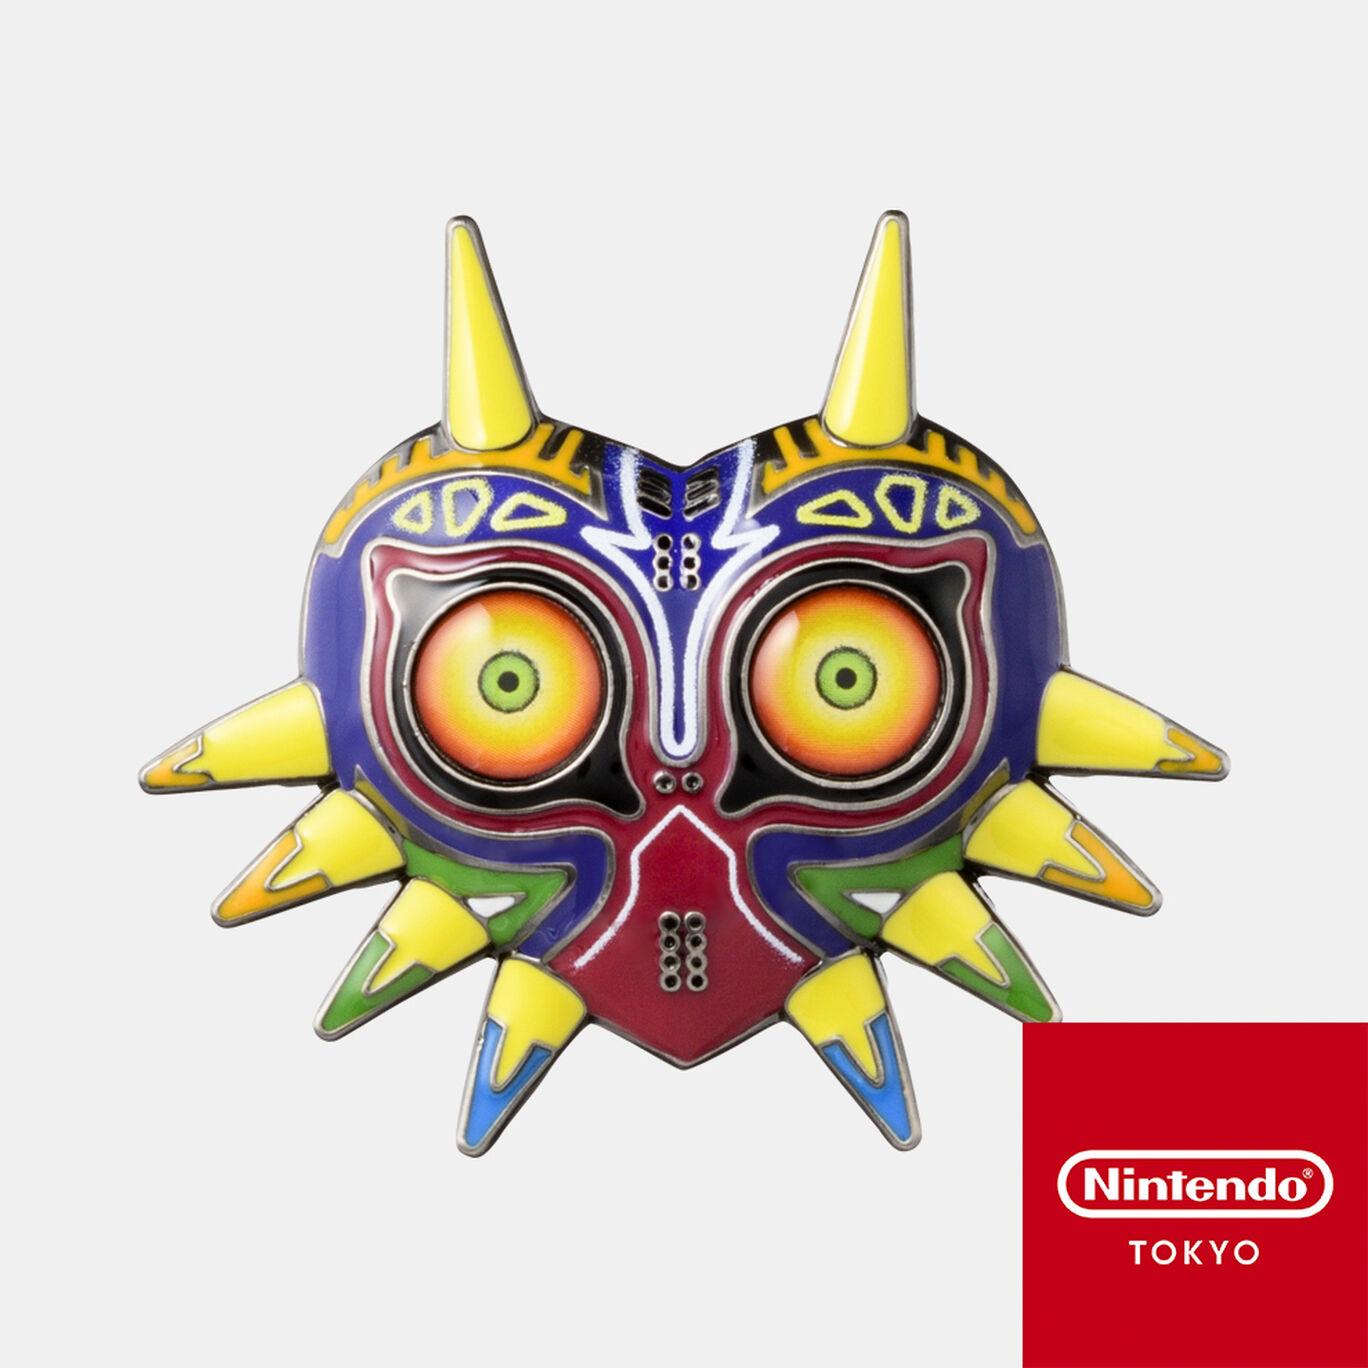 ピンズ ムジュラの仮面 ゼルダの伝説【Nintendo TOKYO取り扱い商品】